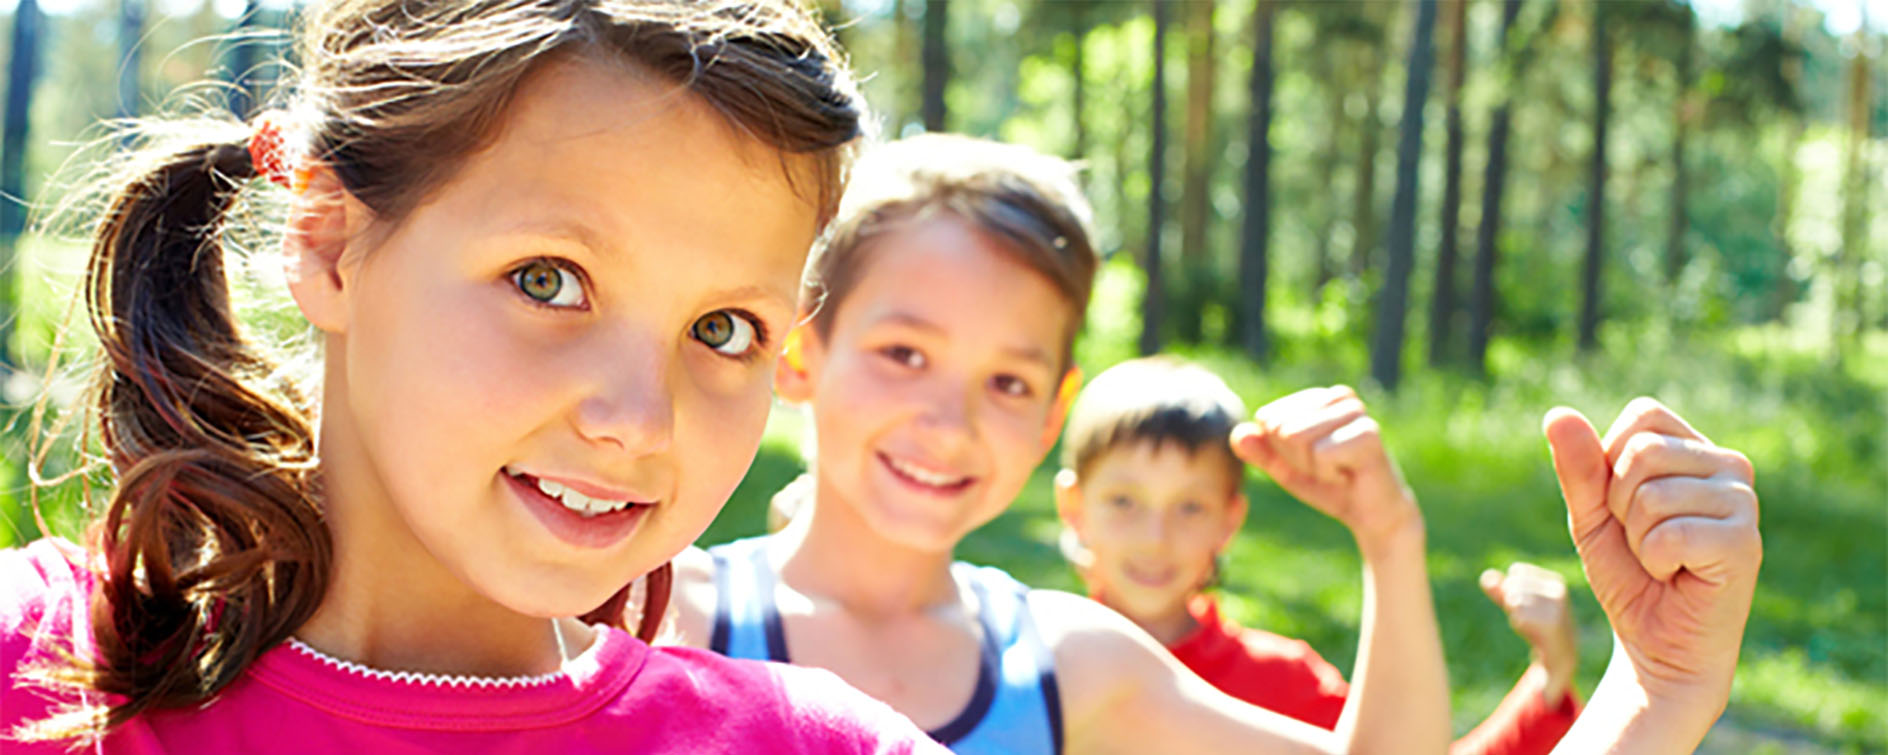 Kinder- en Jeugdpraktijk Een Stap Voor